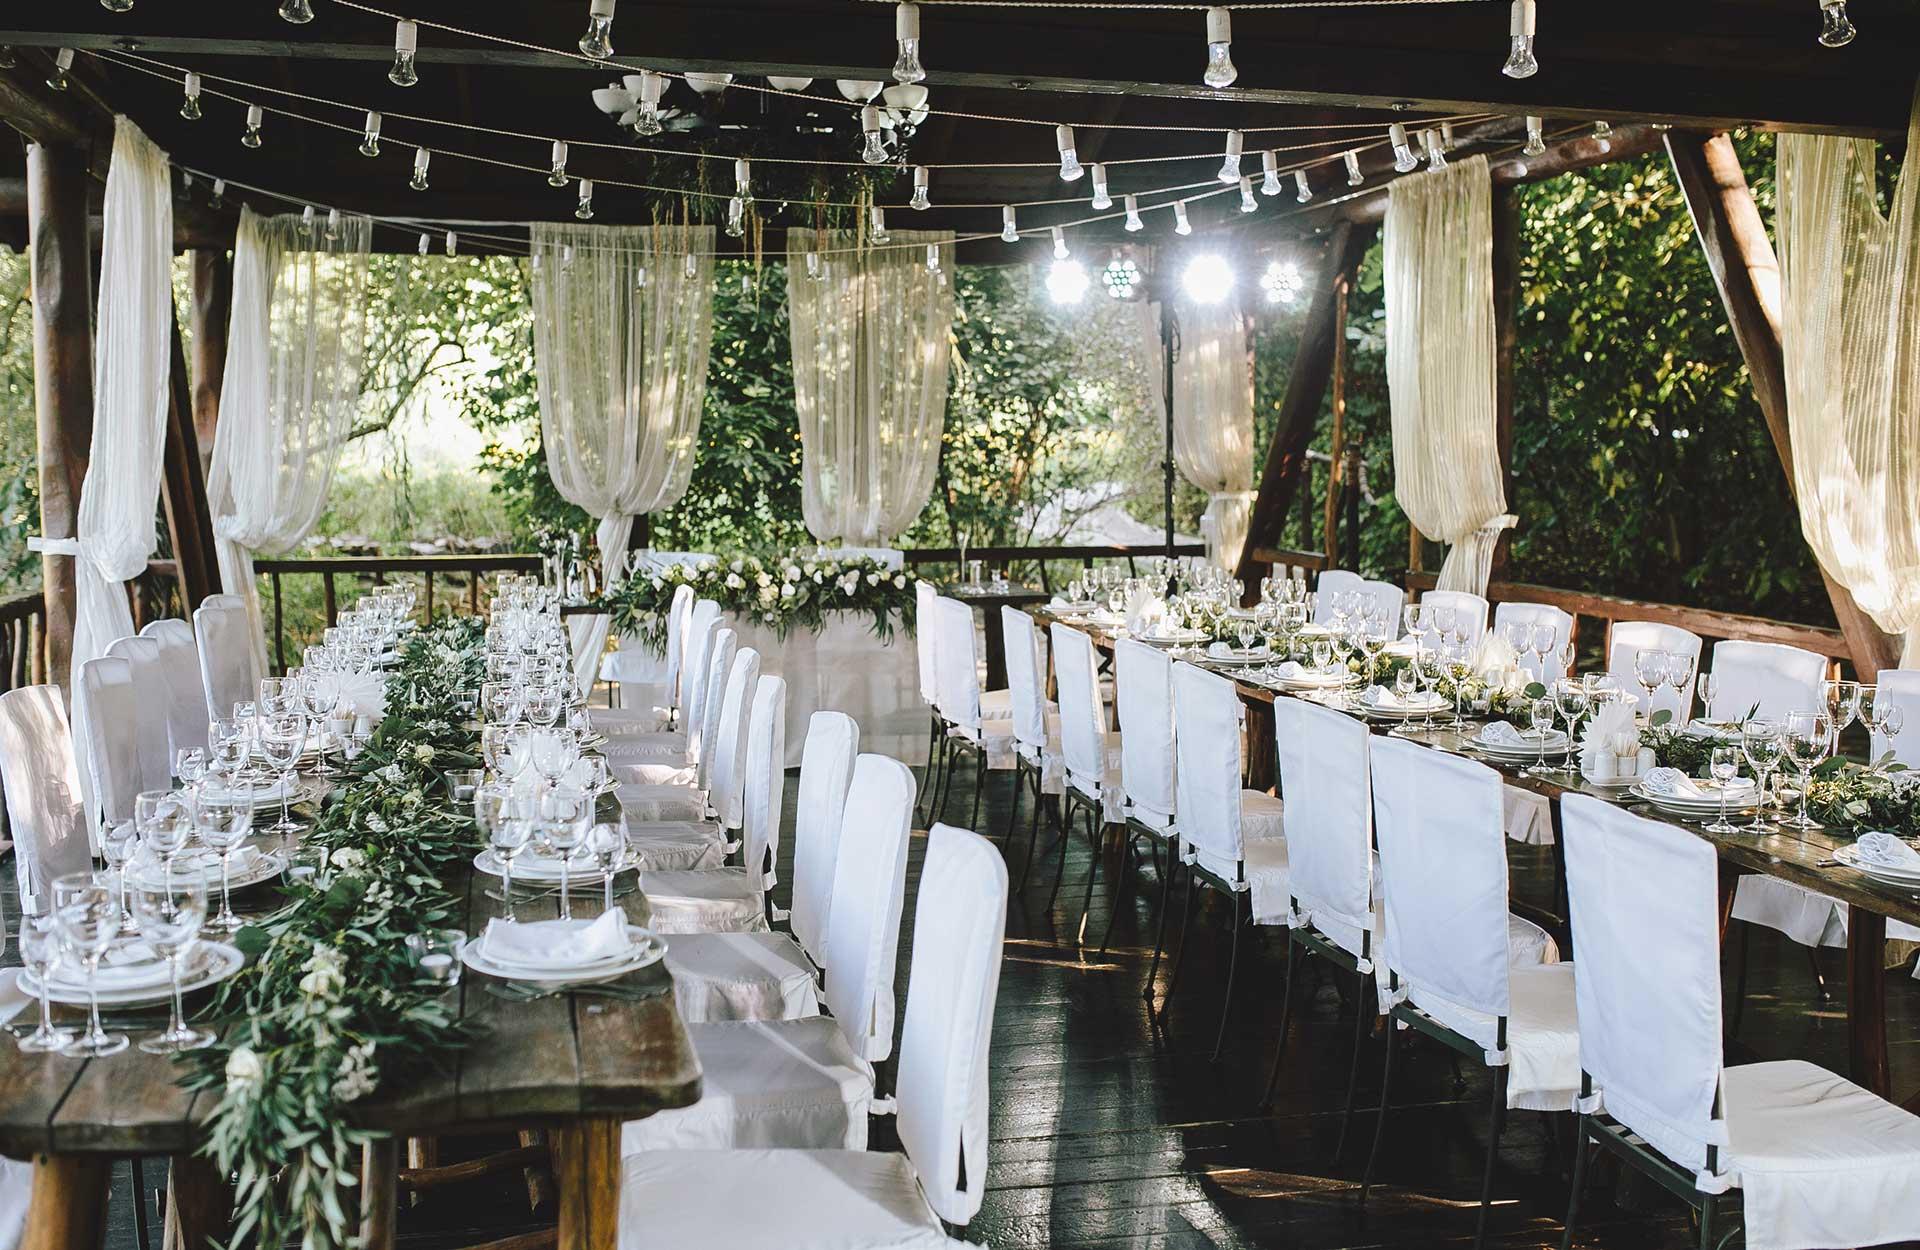 Hääjuhlapaikan koristeluun tarvitaan usein paljon enemmän koristeita, kuin osaat kuvitella, joten älä pihistele!